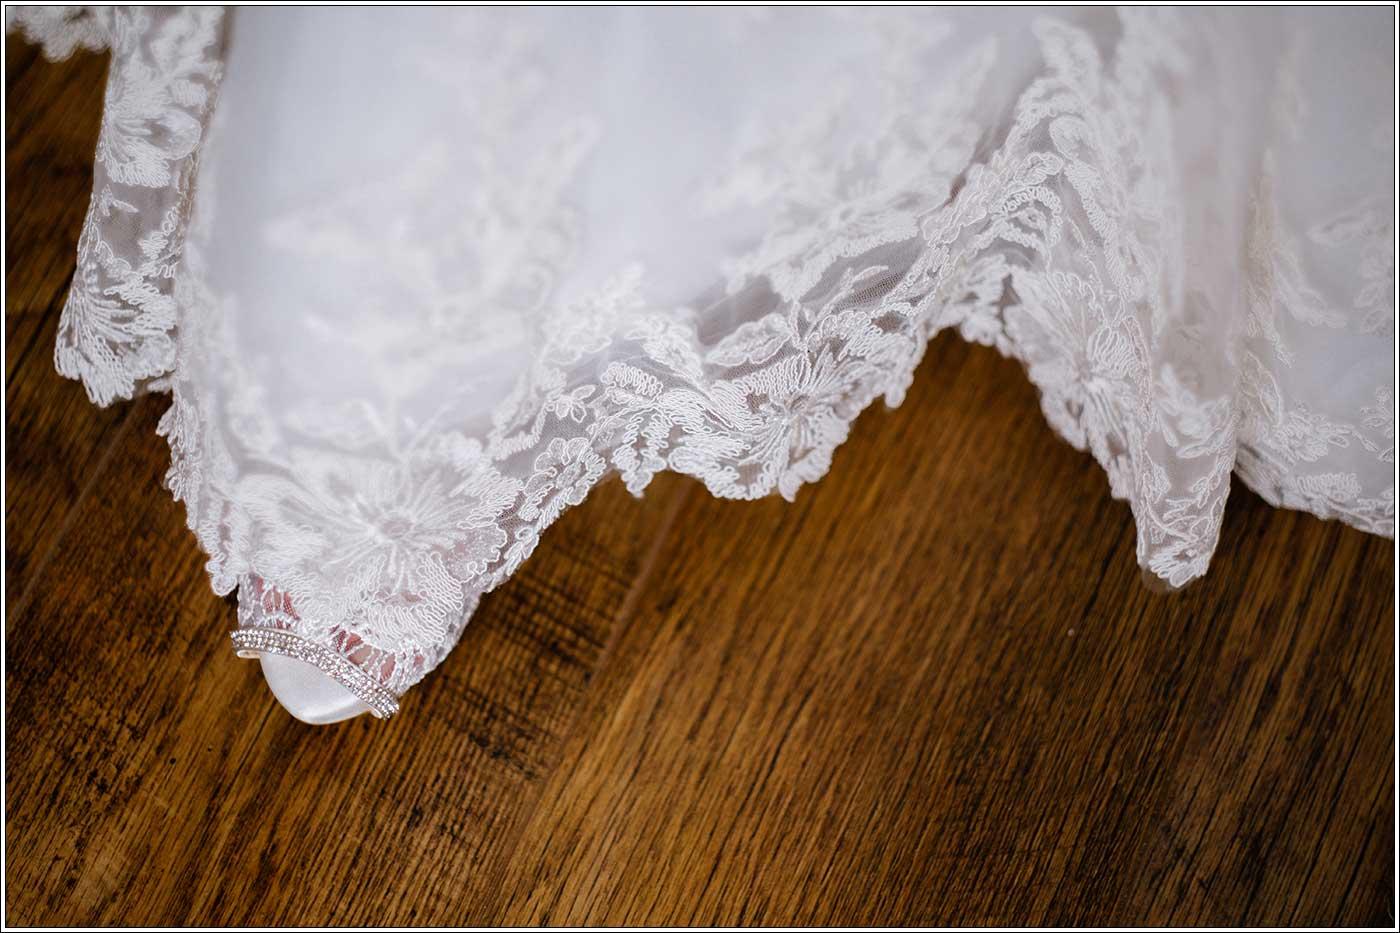 Details in wedding dress